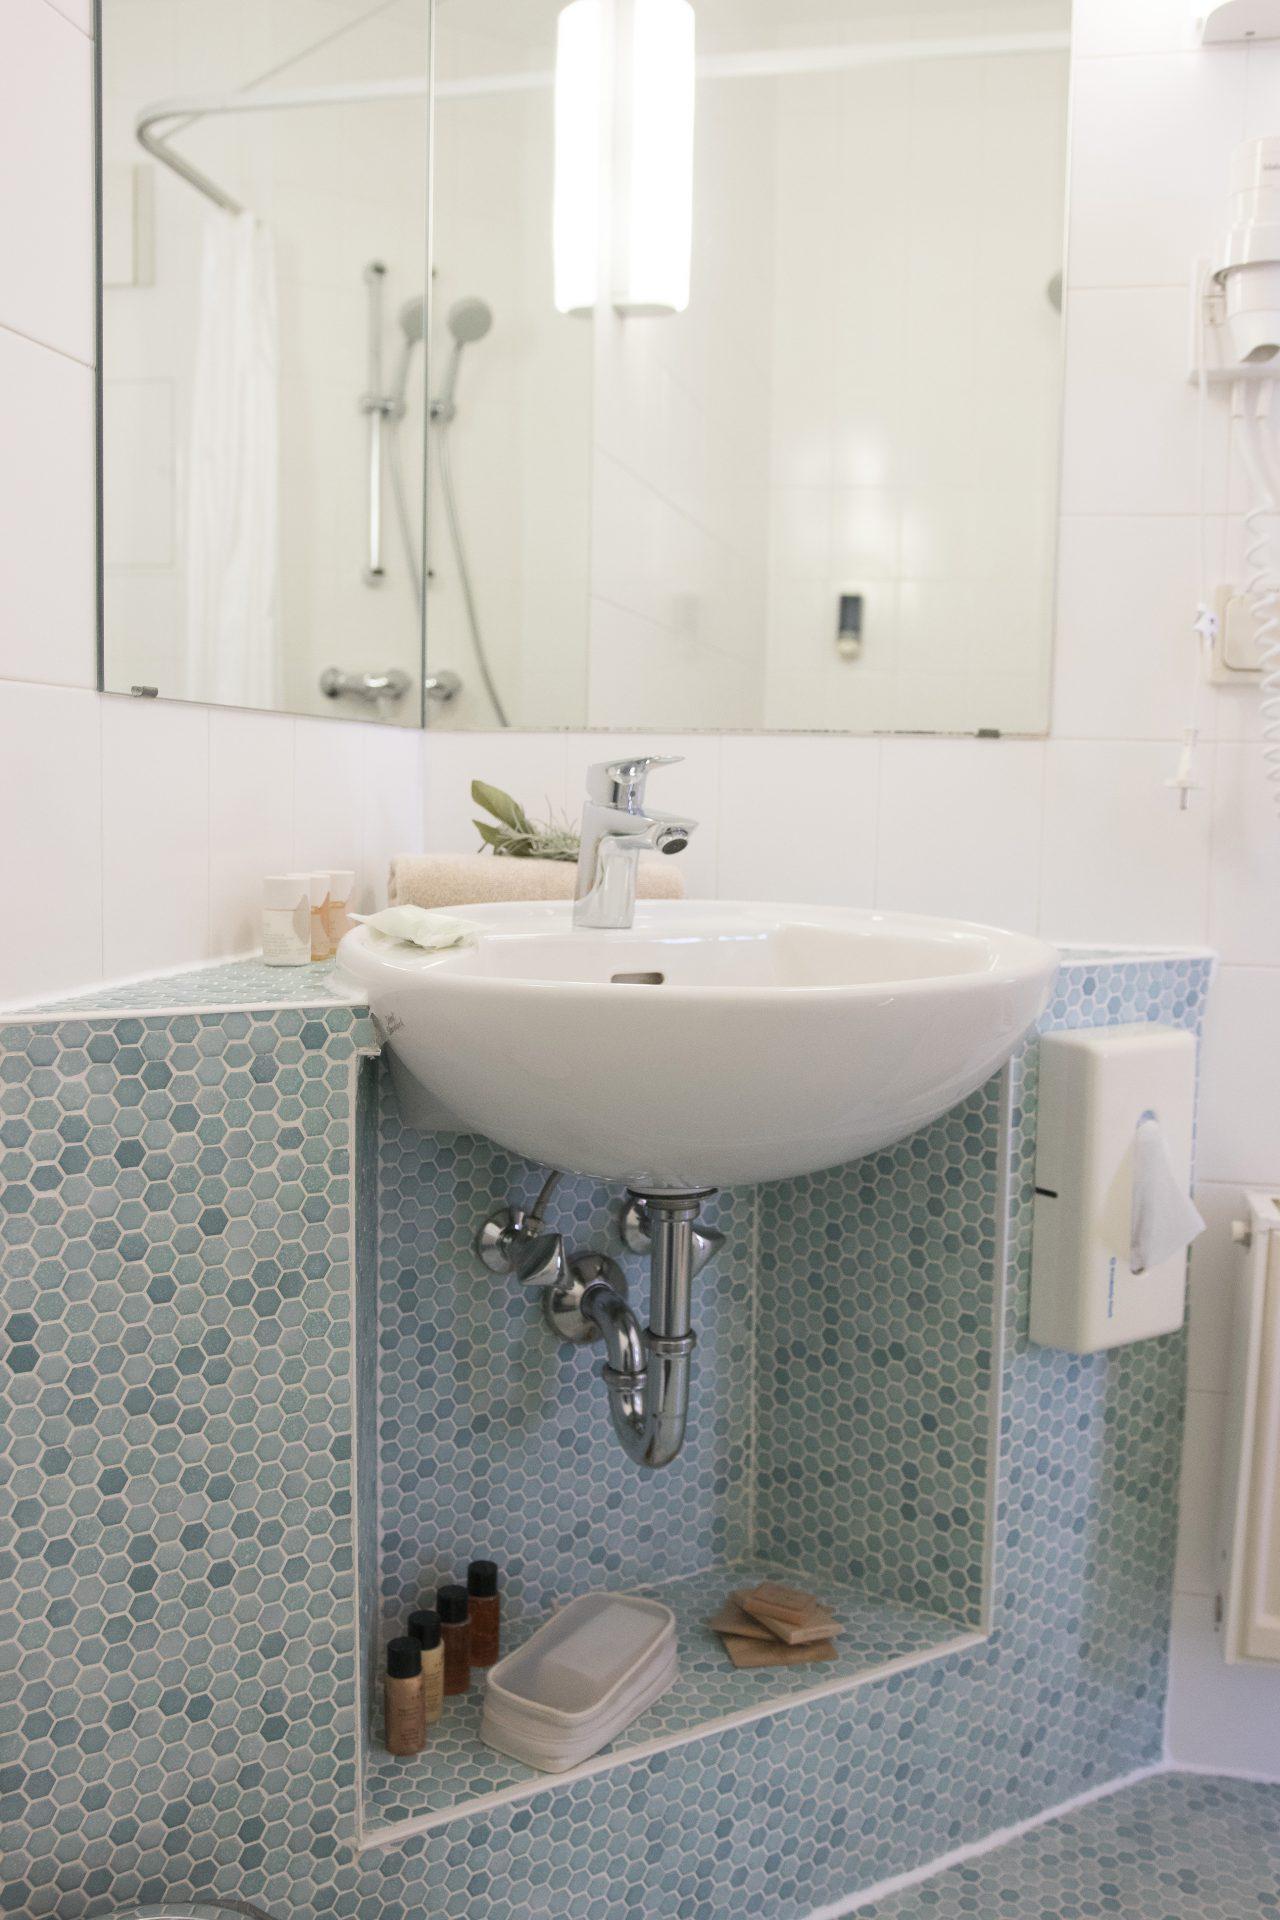 Mit Dusche, WC, Föhn und kleinen Servicepacks bestens ausgestattet - die Bäder im Kräuterberg'l